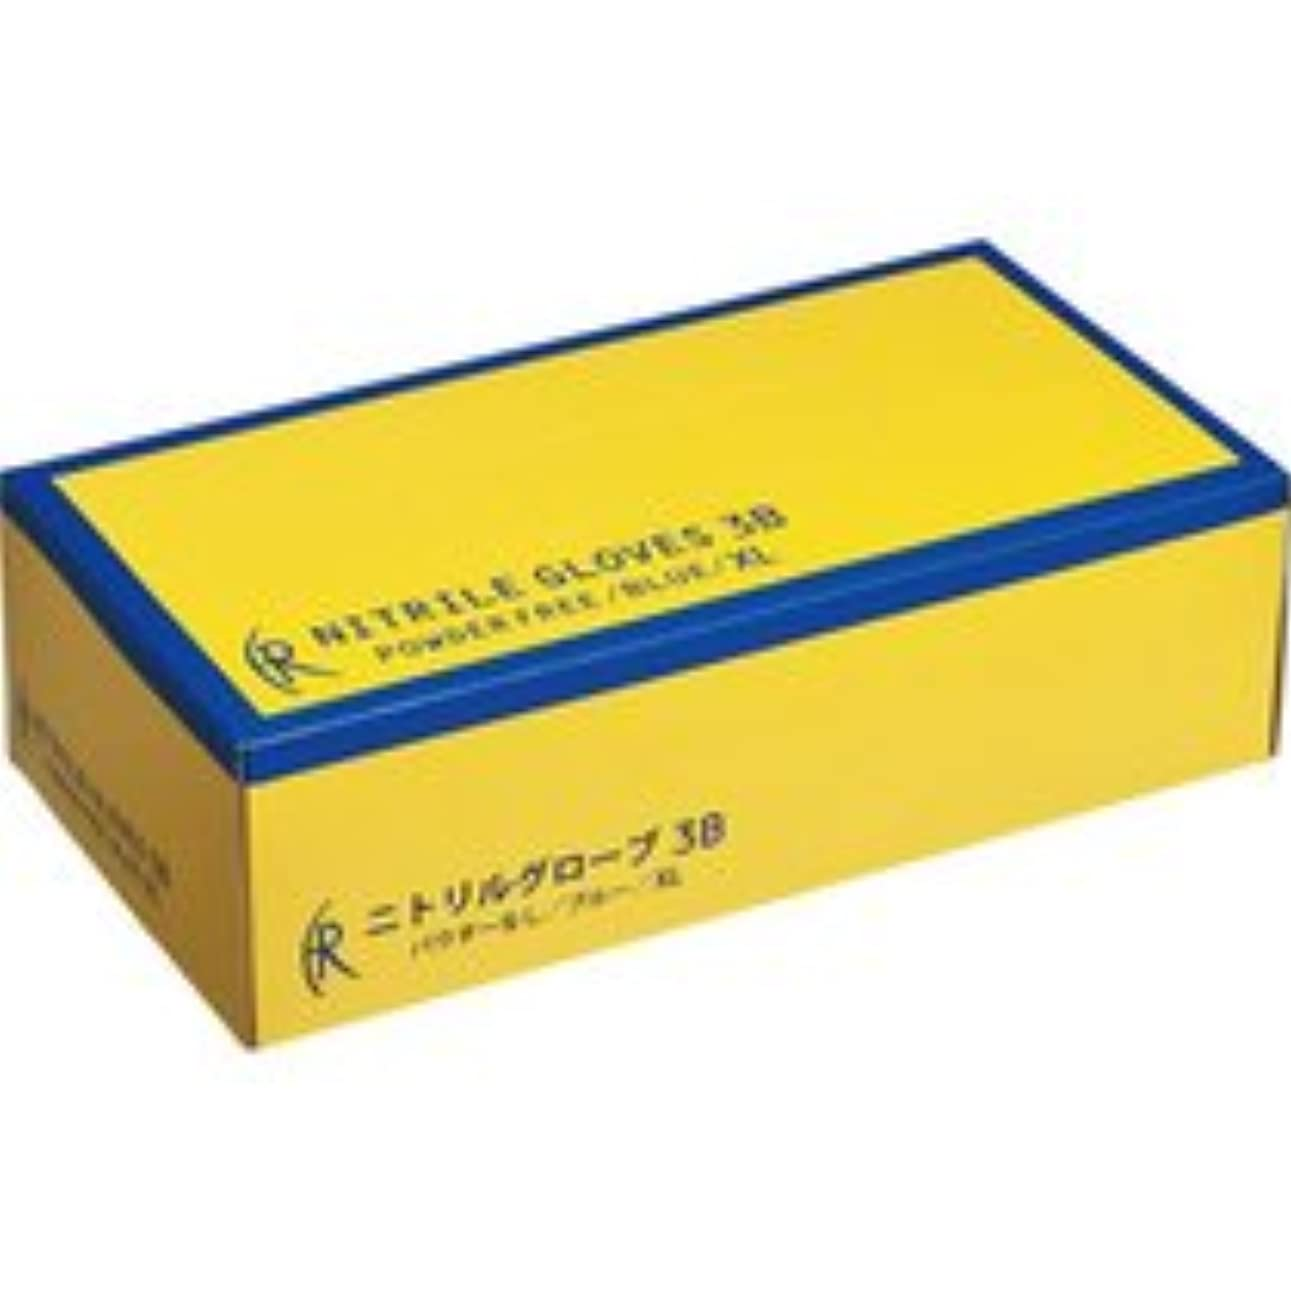 ファーストレイト ニトリルグローブ3B パウダーフリー XL FR-5664 1セット(2000枚:200枚×10箱)